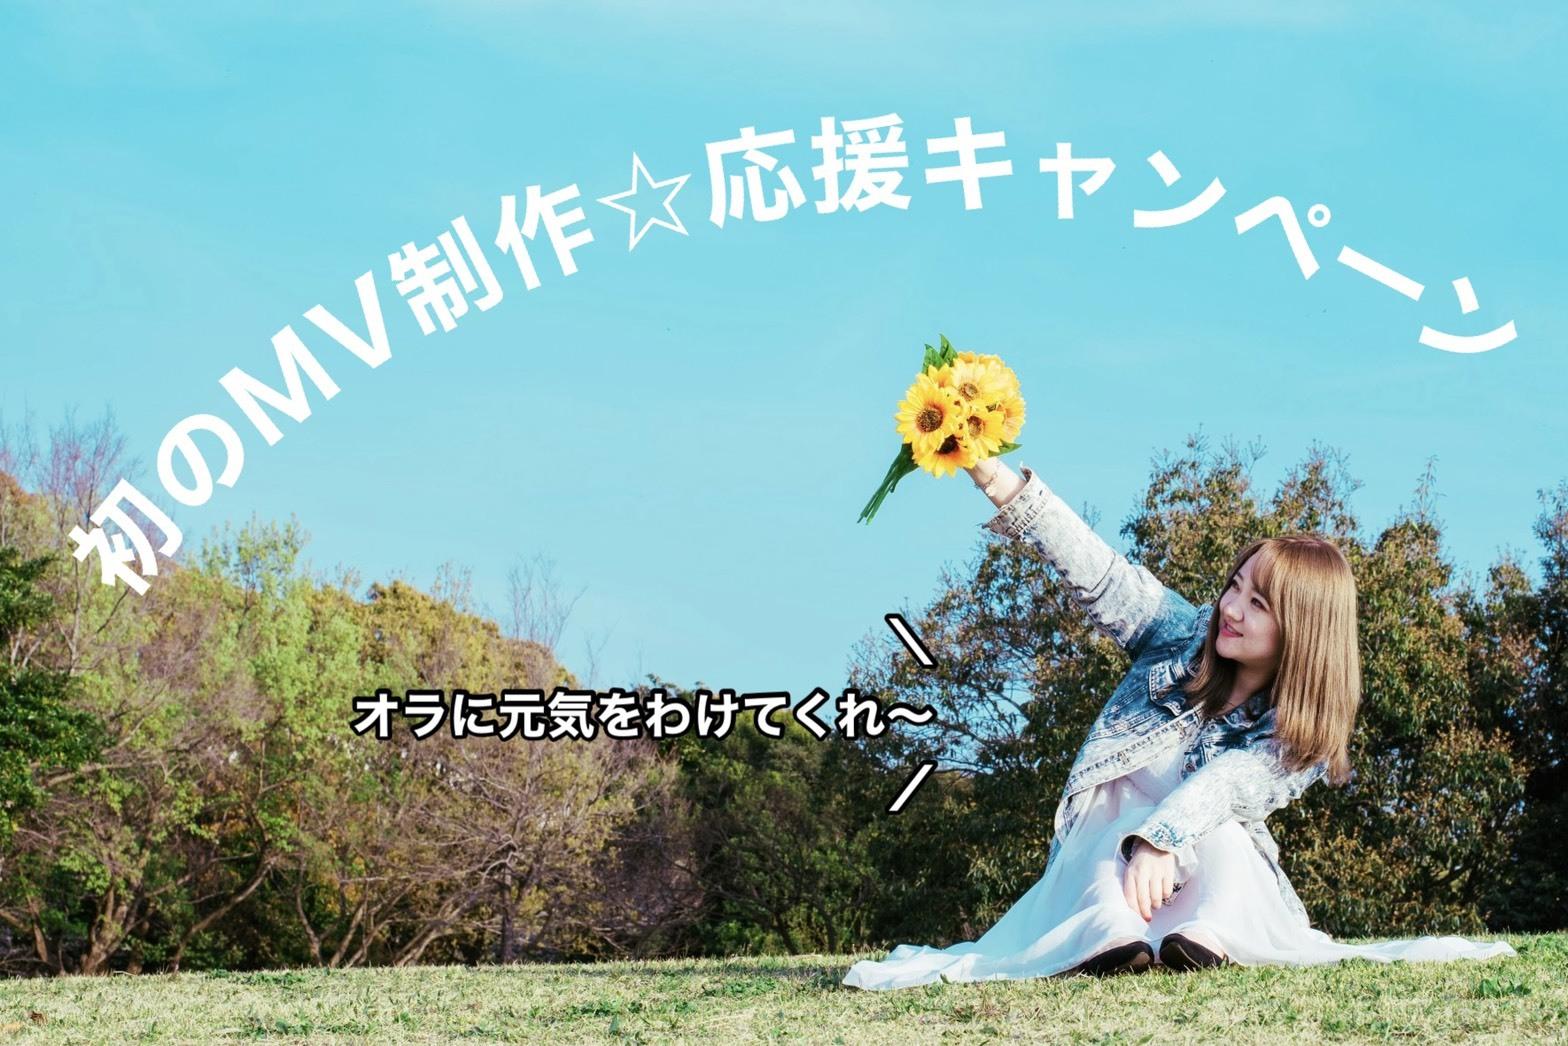 【橘 莉子】自身初となるMVを作り皆様にお届けしたい!MV制作応援プロジェクト!